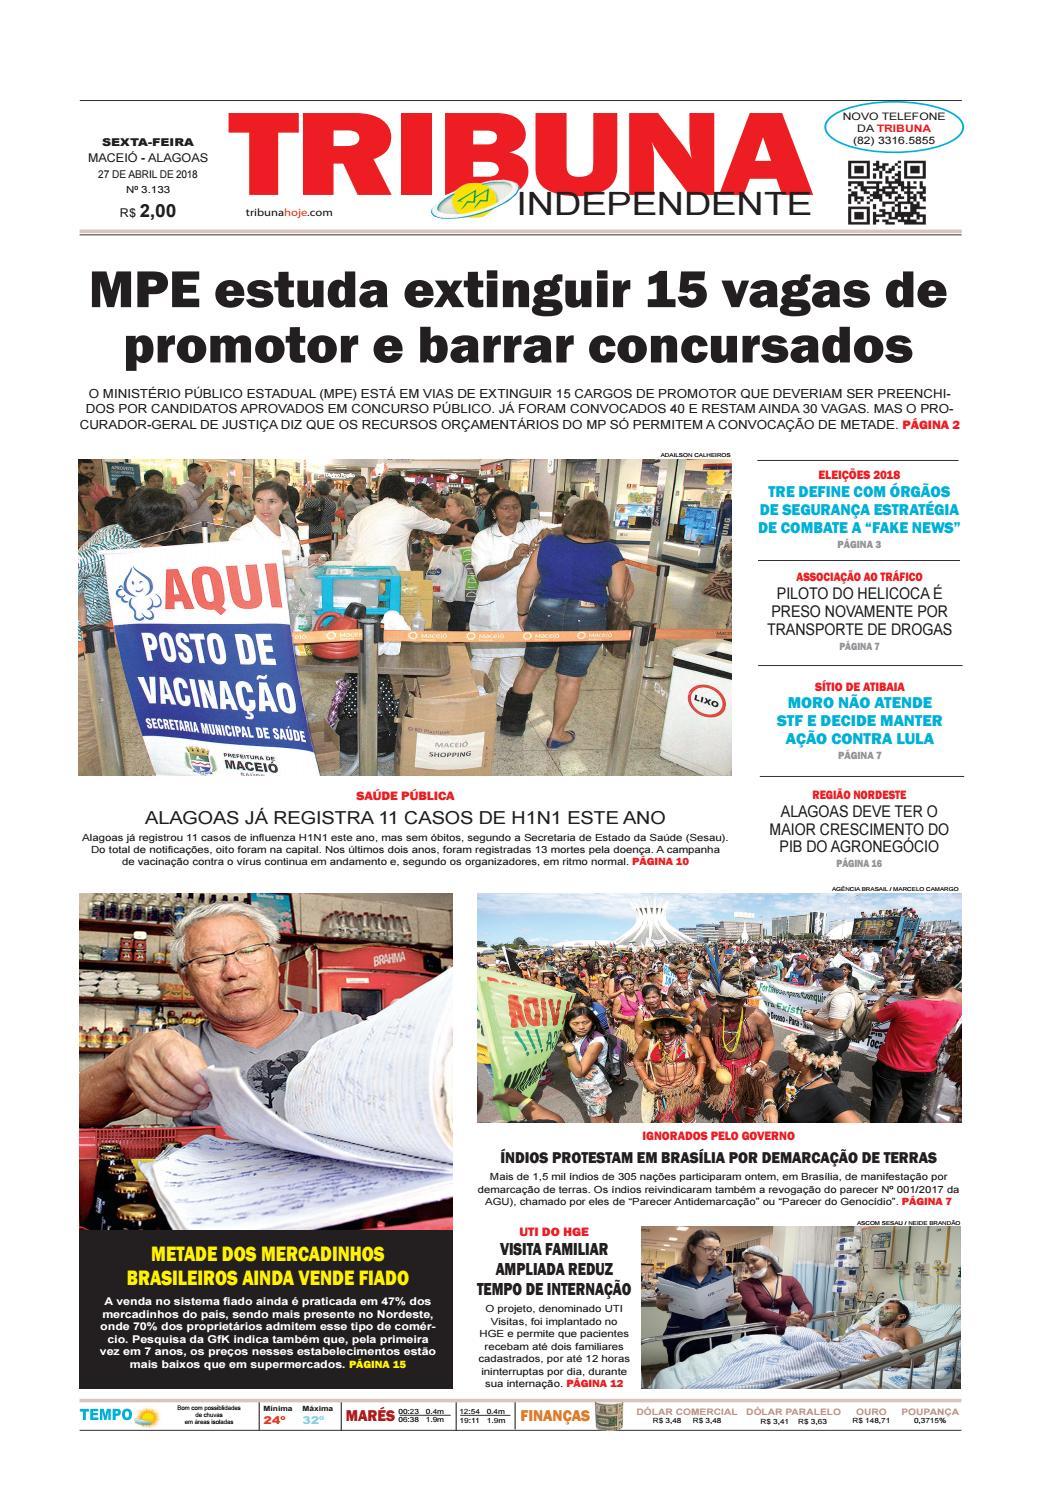 e1026e415 Edição número 3133 - 27 de abril de 2018 by Tribuna Hoje - issuu